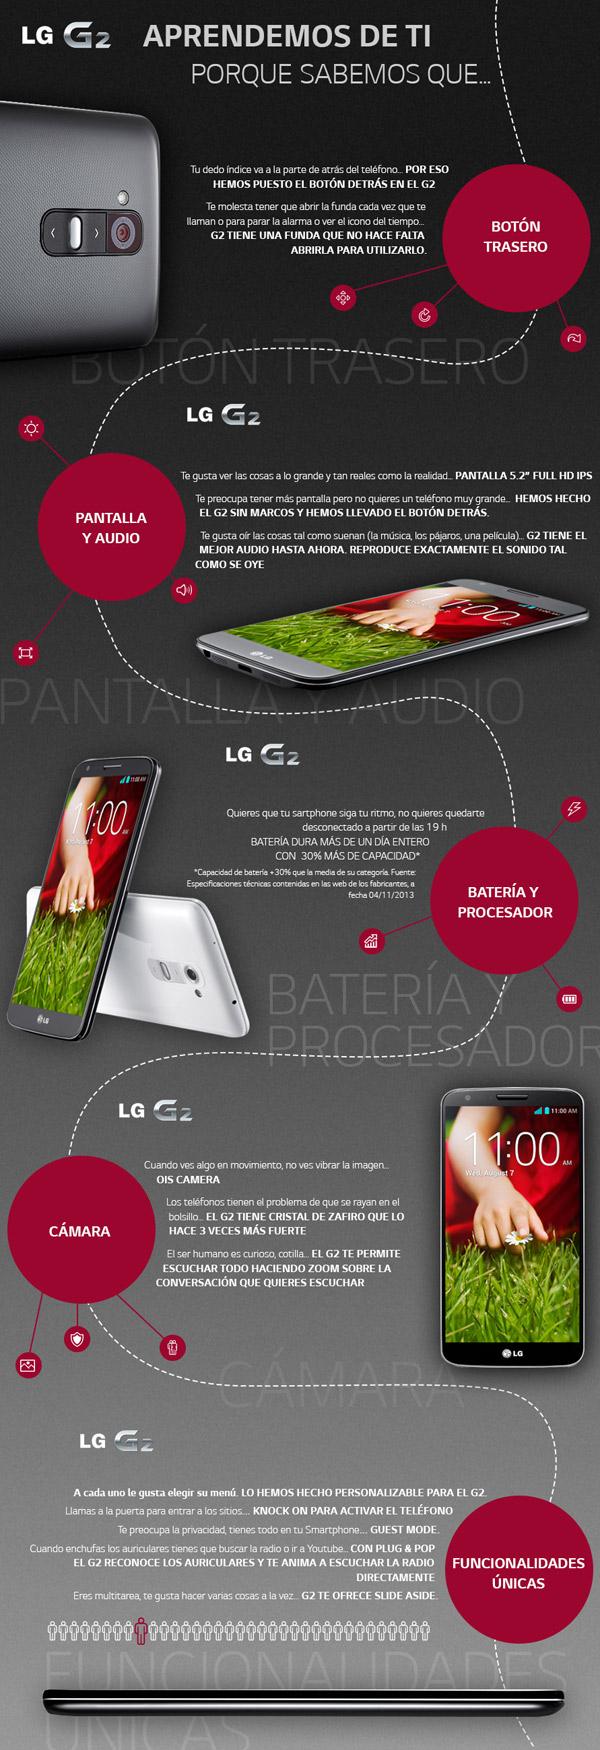 Infografía del LG G2: todas sus características